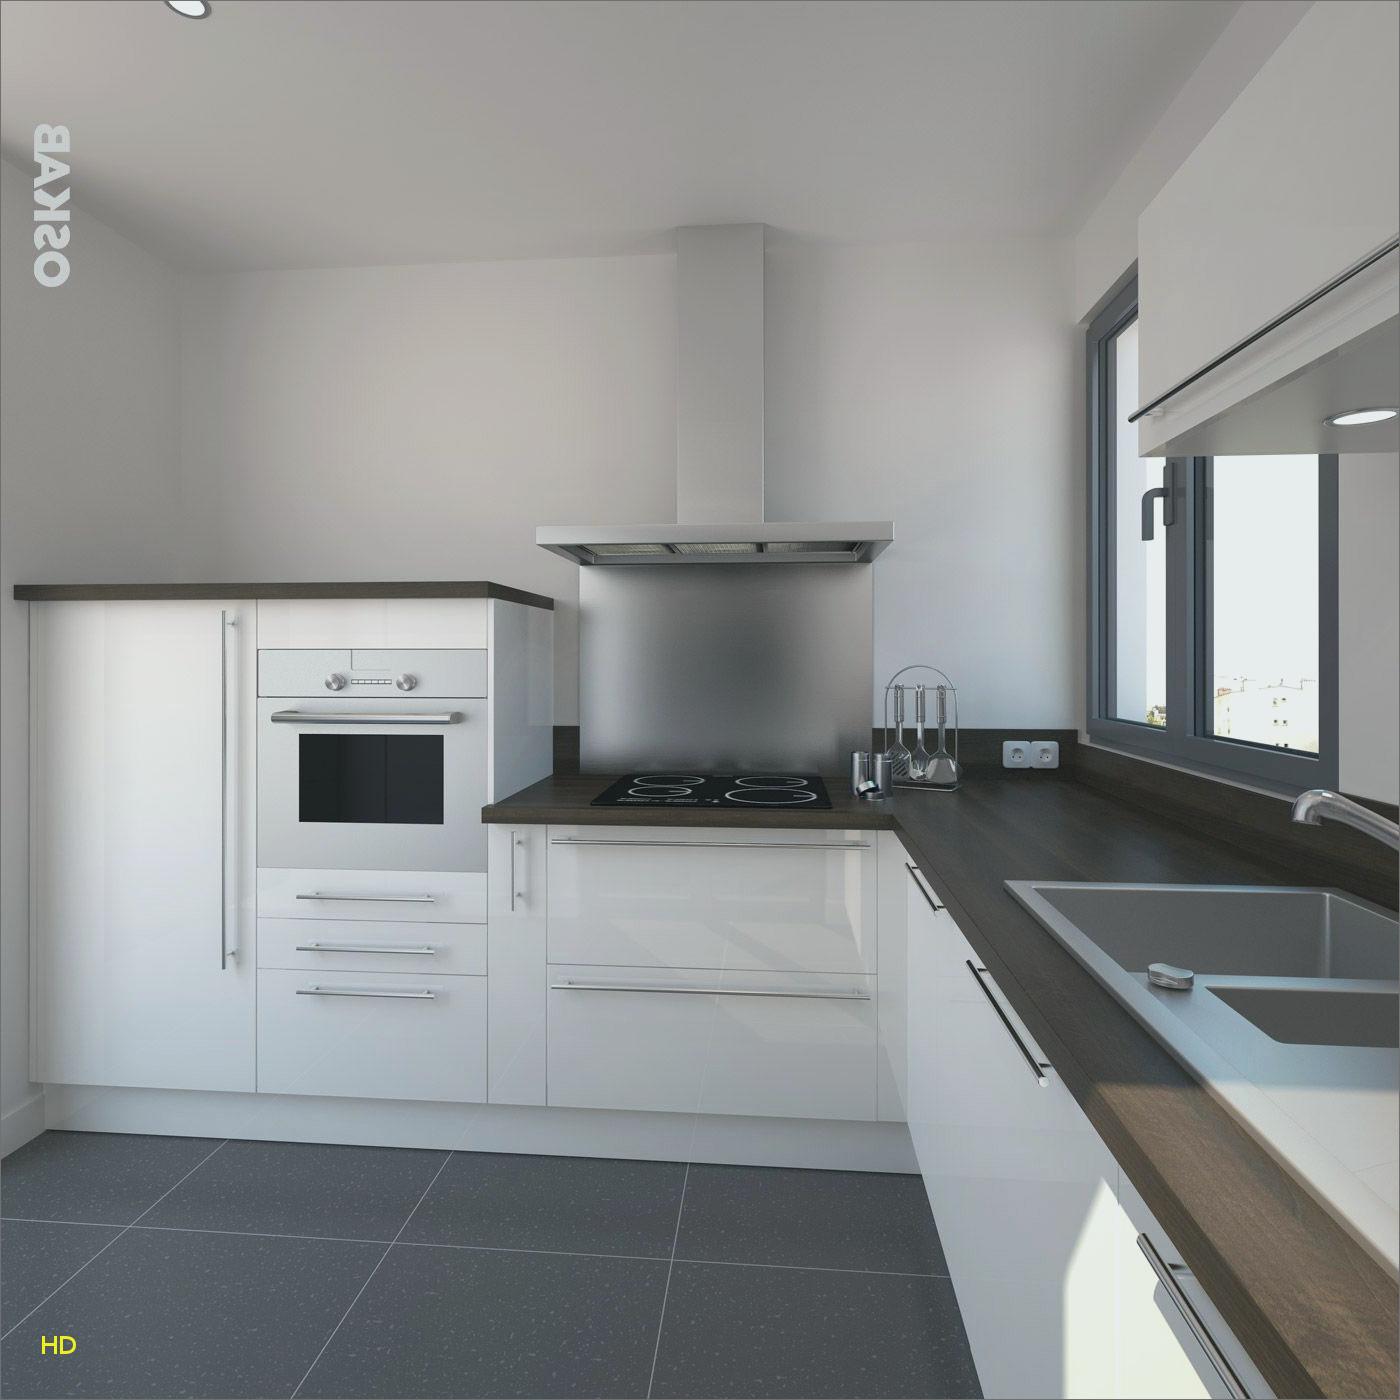 Porte de cuisine blanche id e pour cuisine - Cuisine cachee par des portes ...